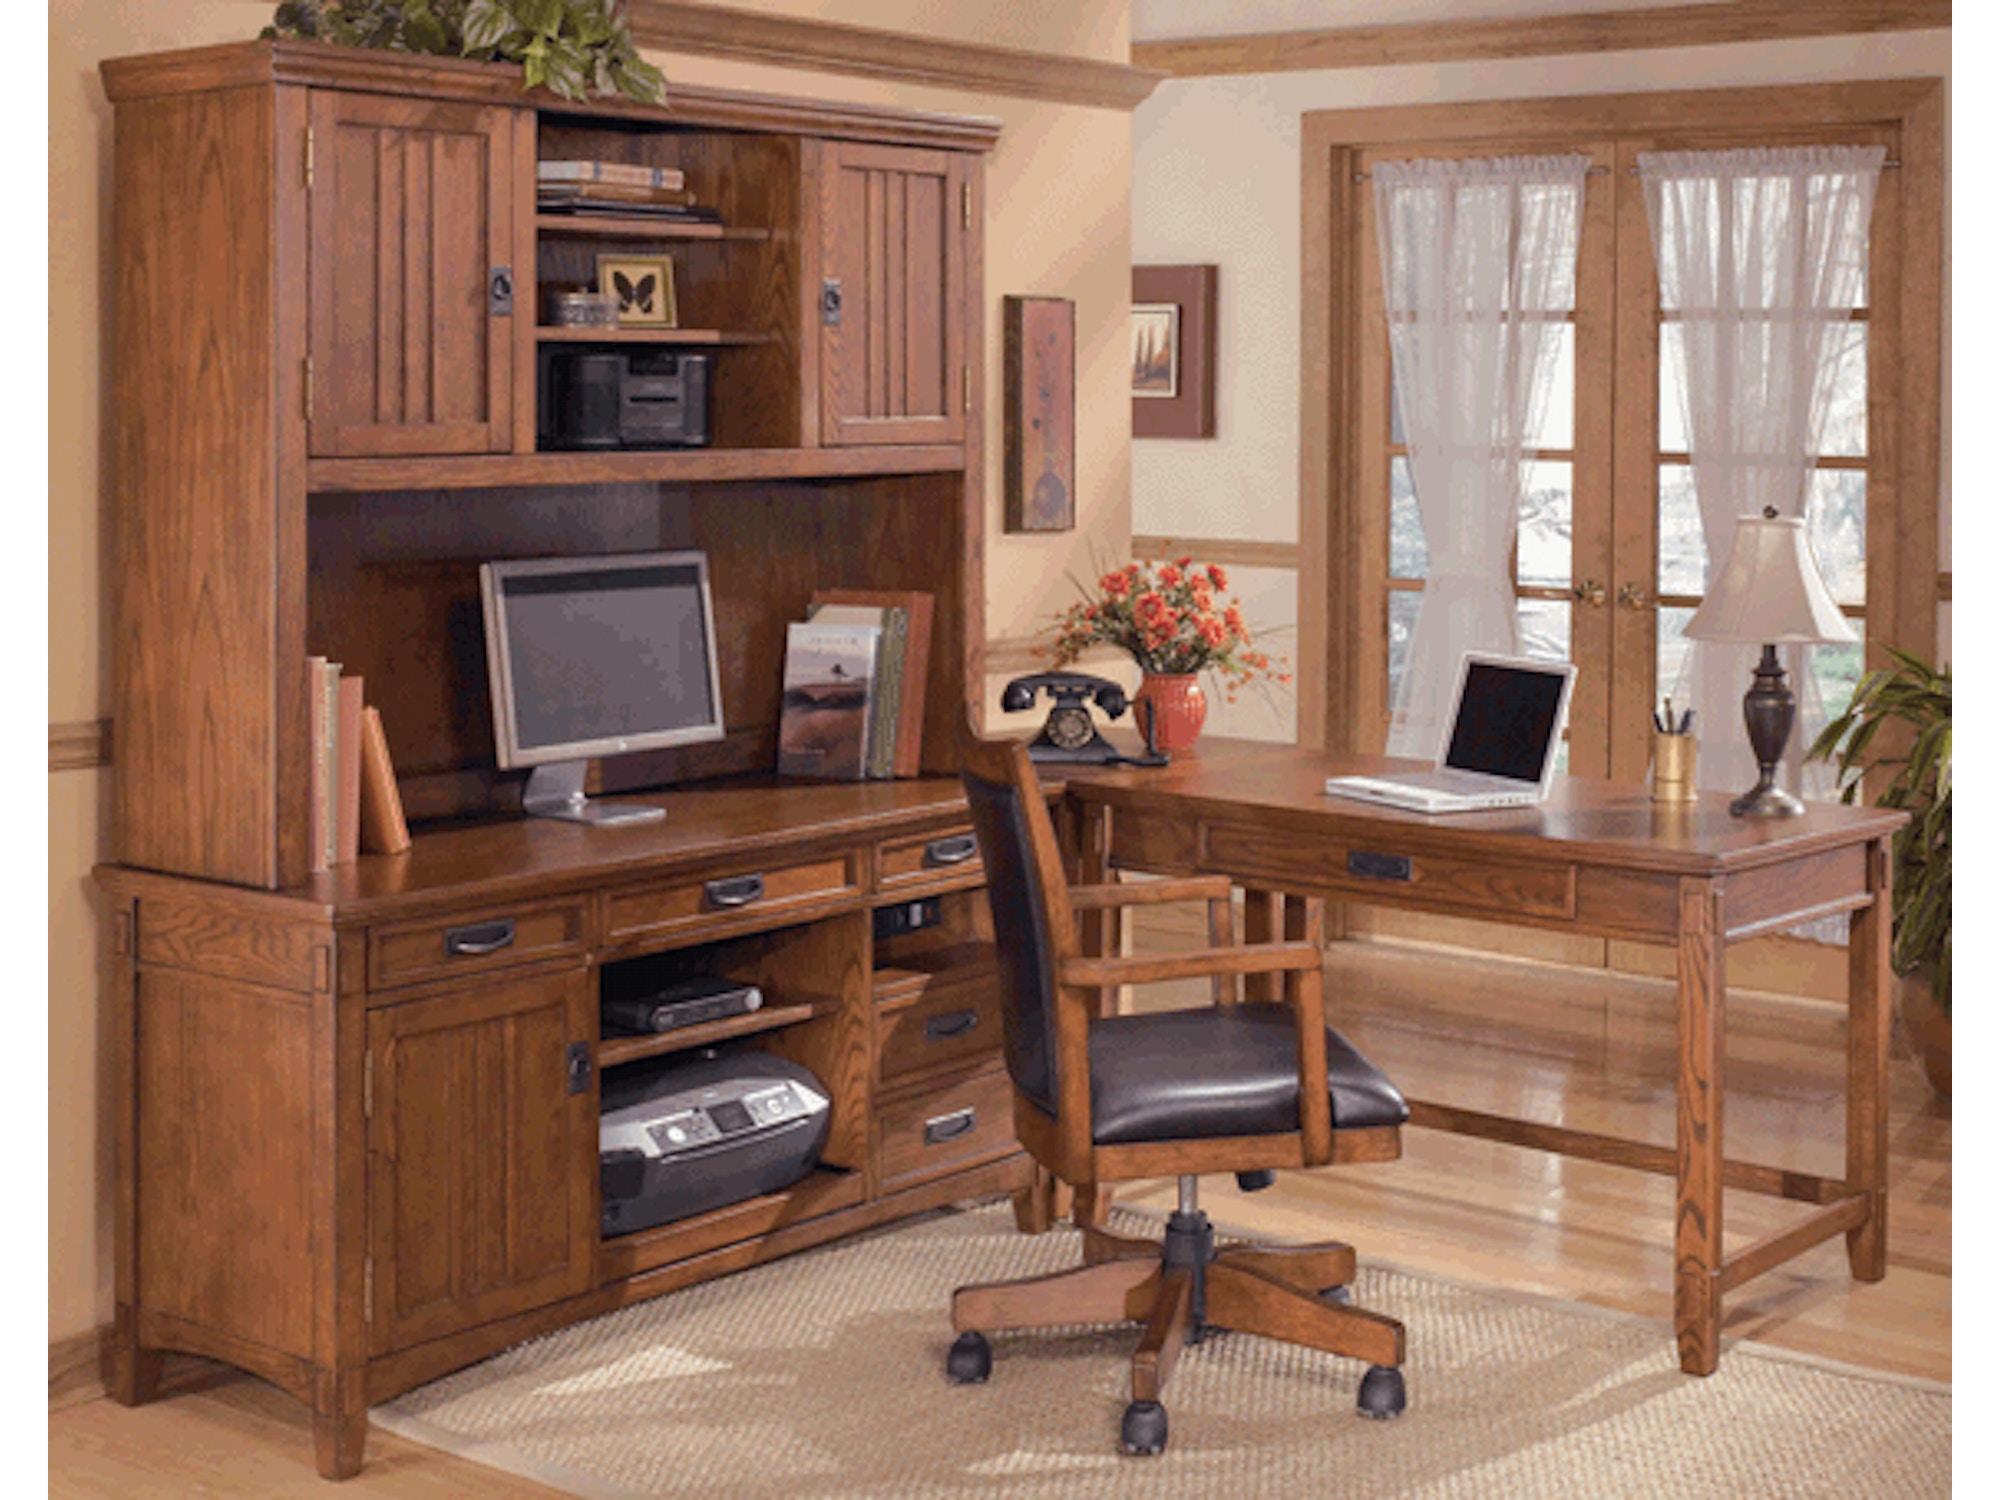 Home Office Furniture Cincinnati home office furniture cincinnati wonderful 6 911866 Cross Island Home Office